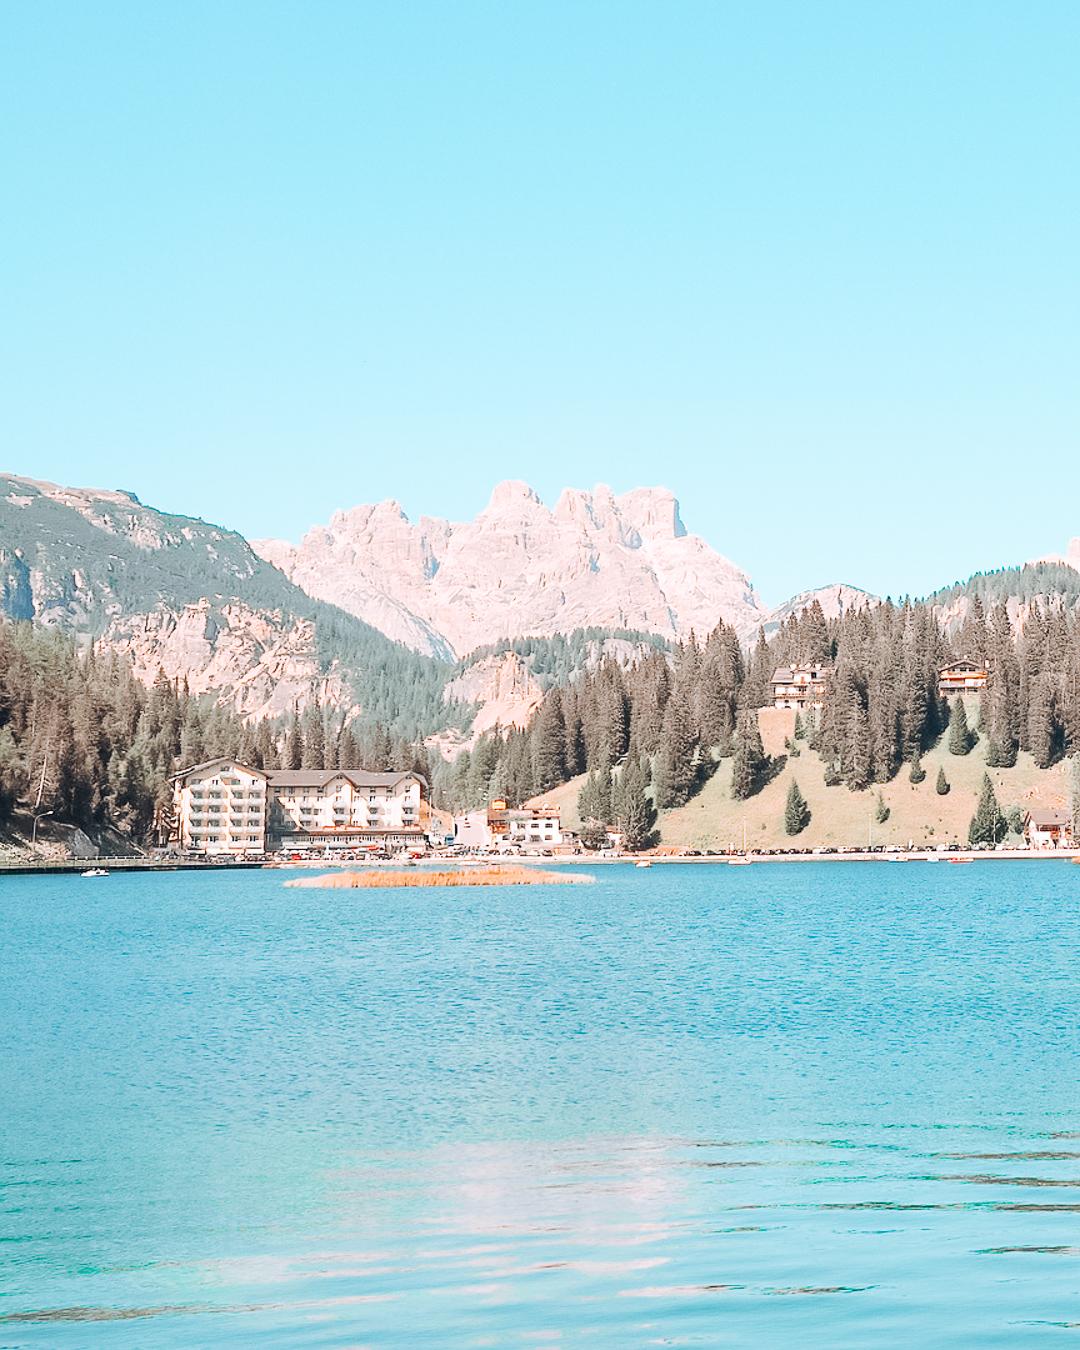 A view of Lake Misurina